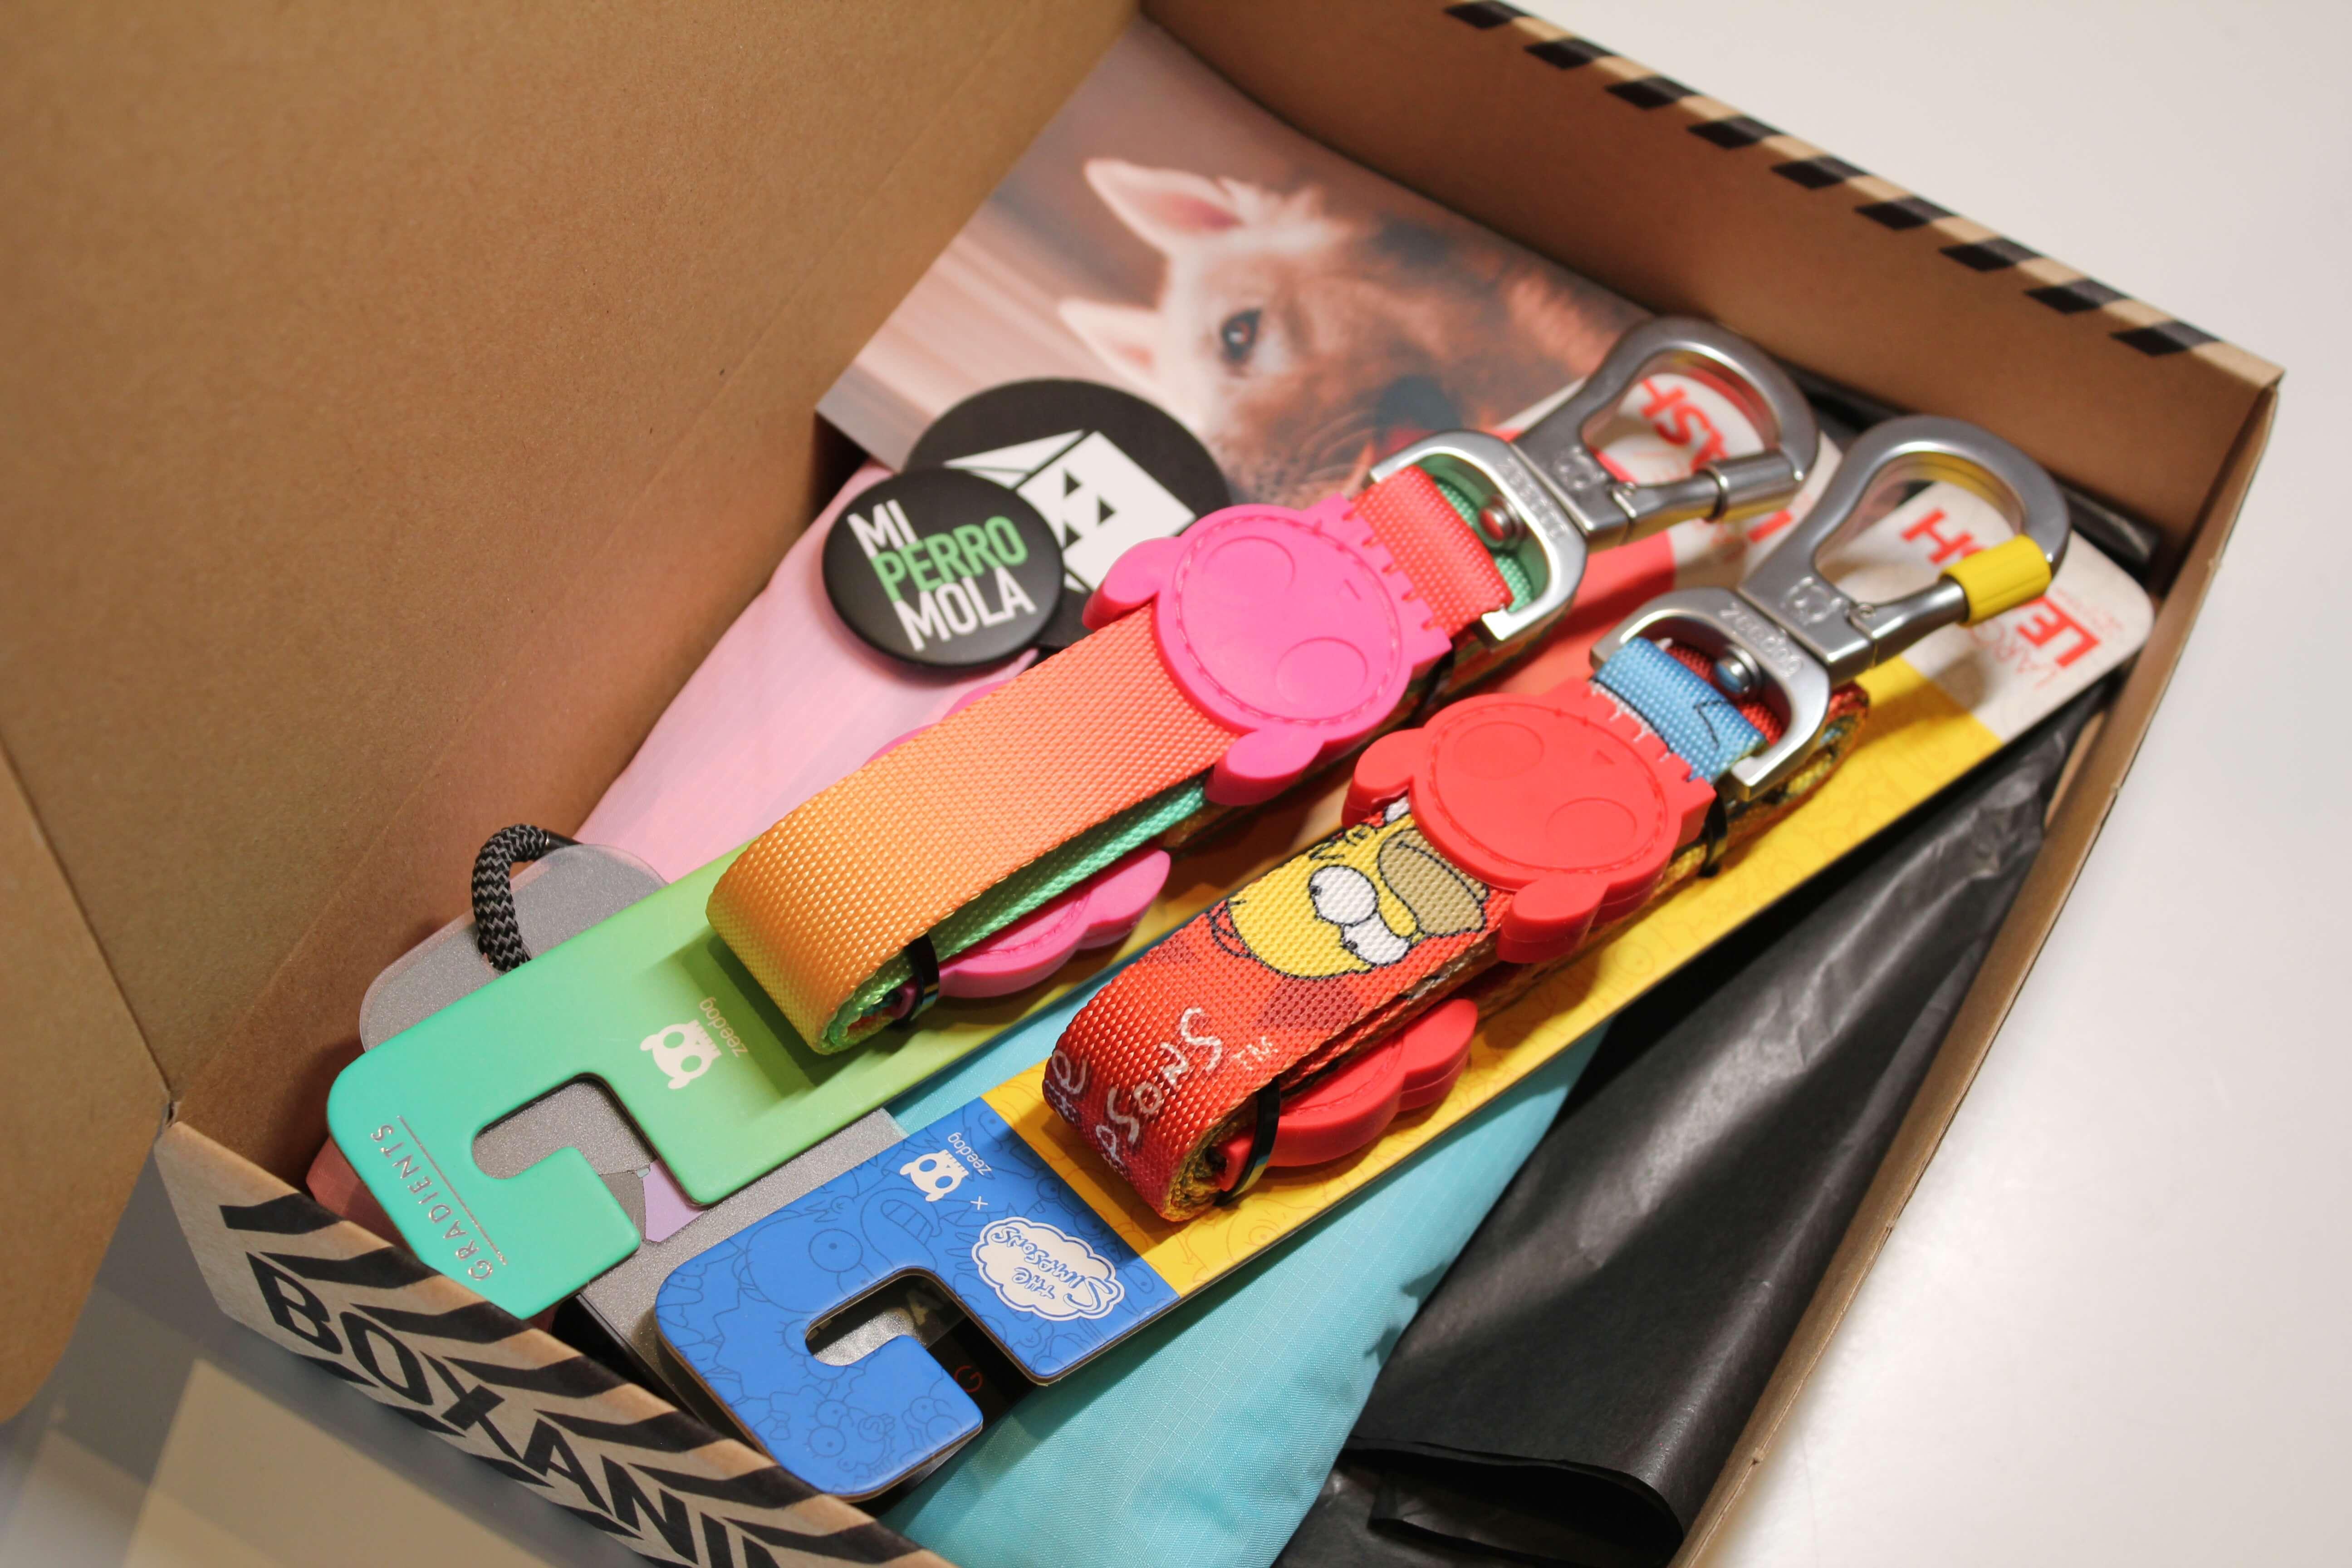 productos caninos dentro de una caja postal